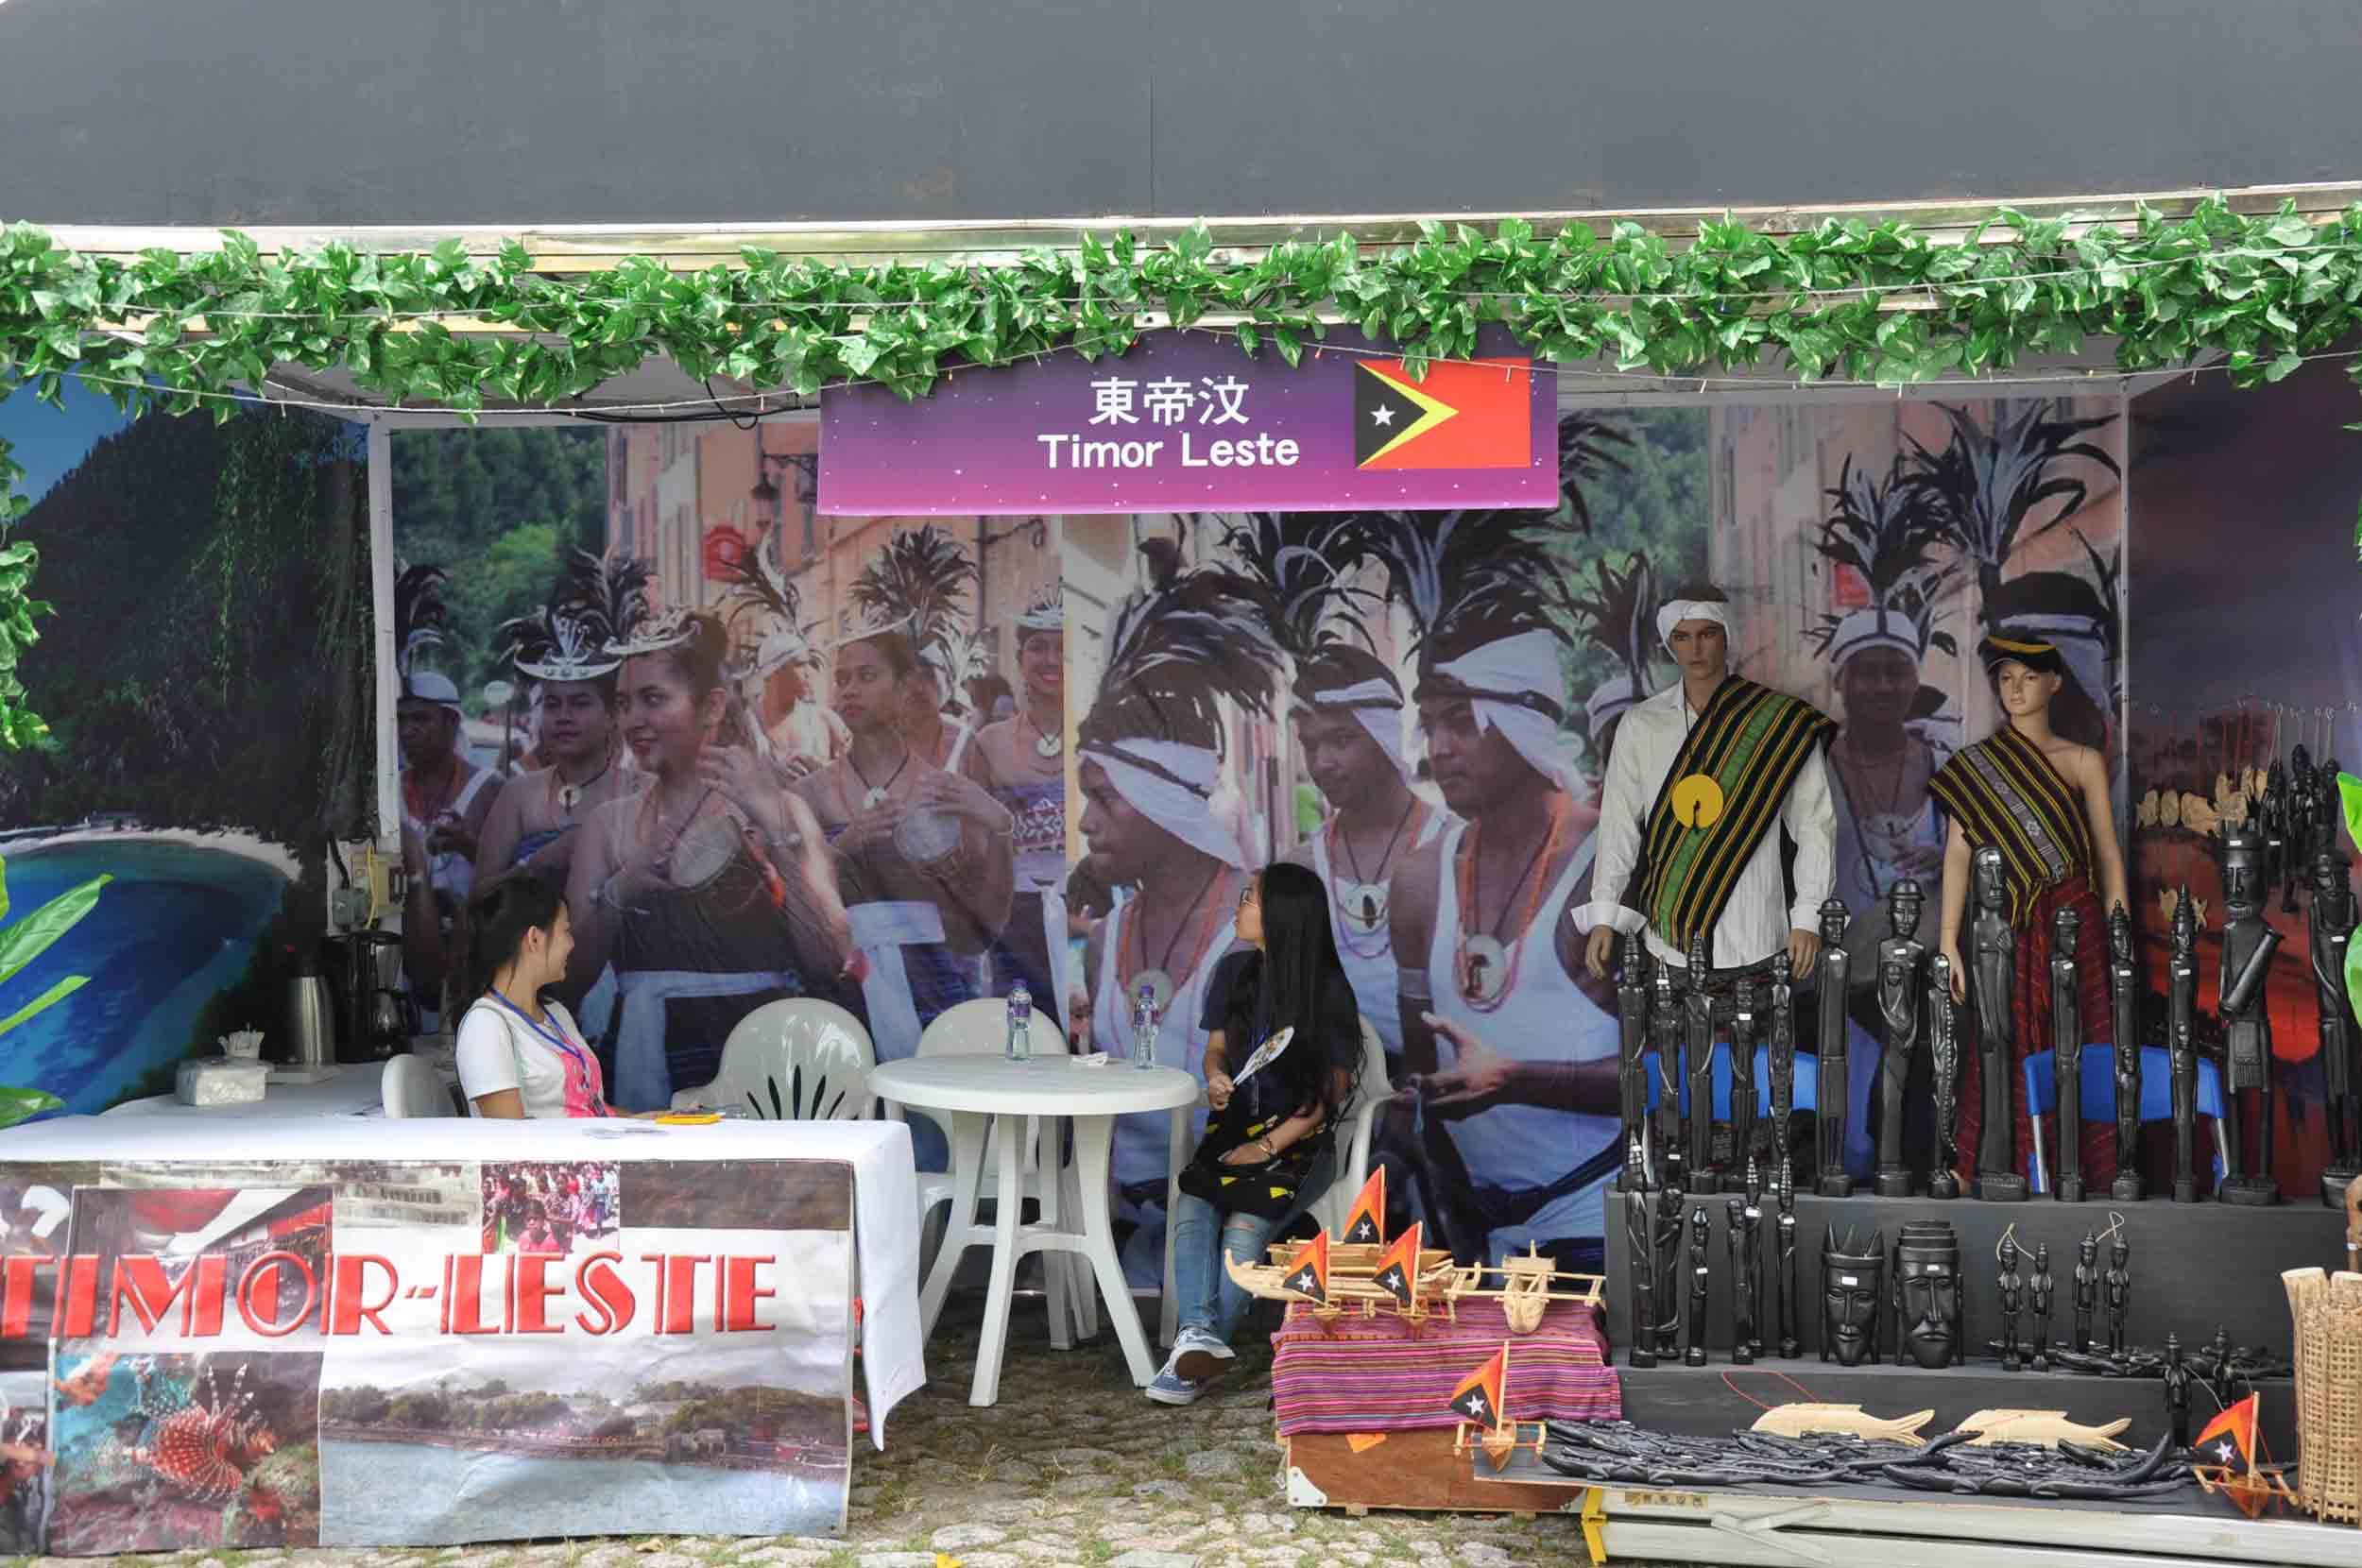 Lusofonia Festival Timor Leste Booth